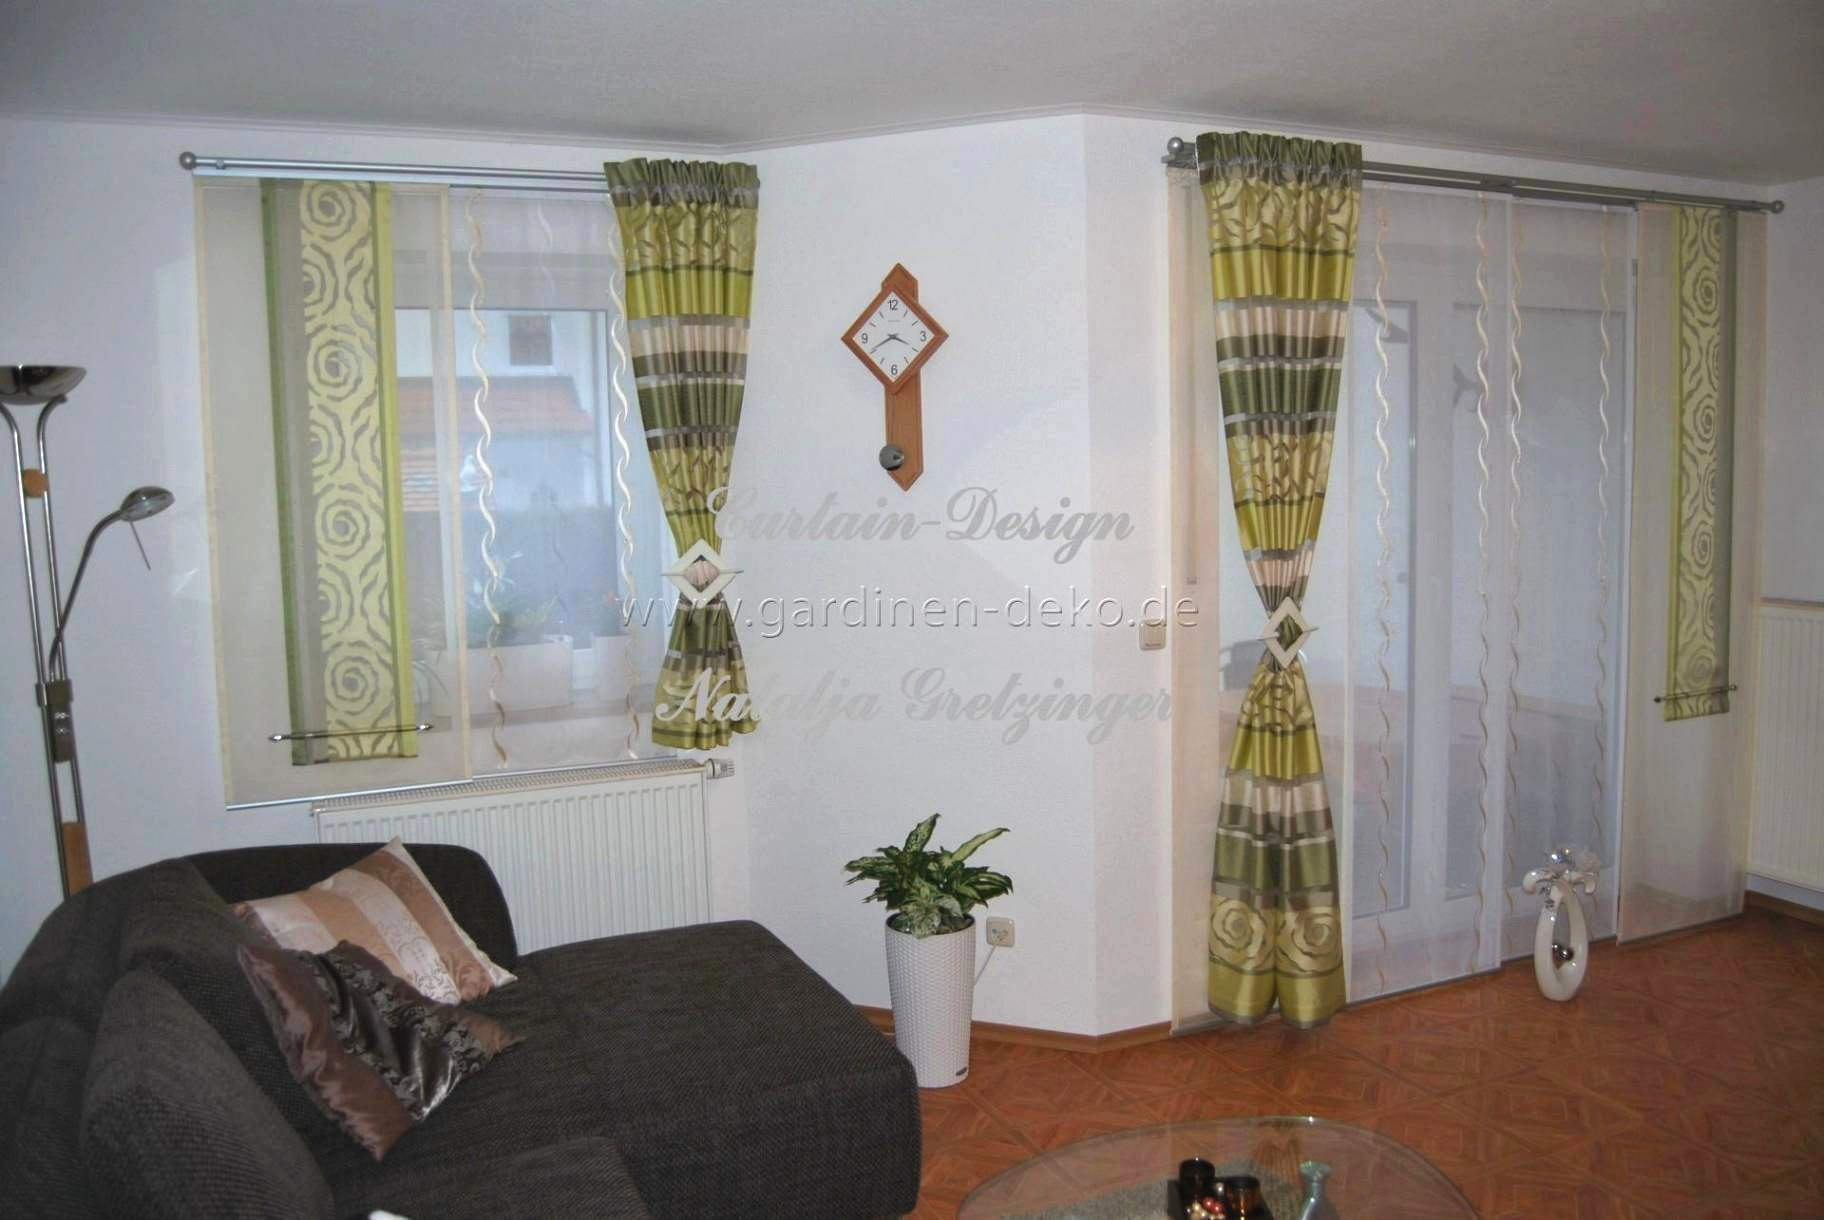 Full Size of Moderne Wohnzimmer Gardinen Inspirierend Schn Hängeschrank Weiß Hochglanz Für Schlafzimmer Bilder Fürs Deckenleuchten Hängelampe Board Bett Modern Design Wohnzimmer Wohnzimmer Gardinen Modern